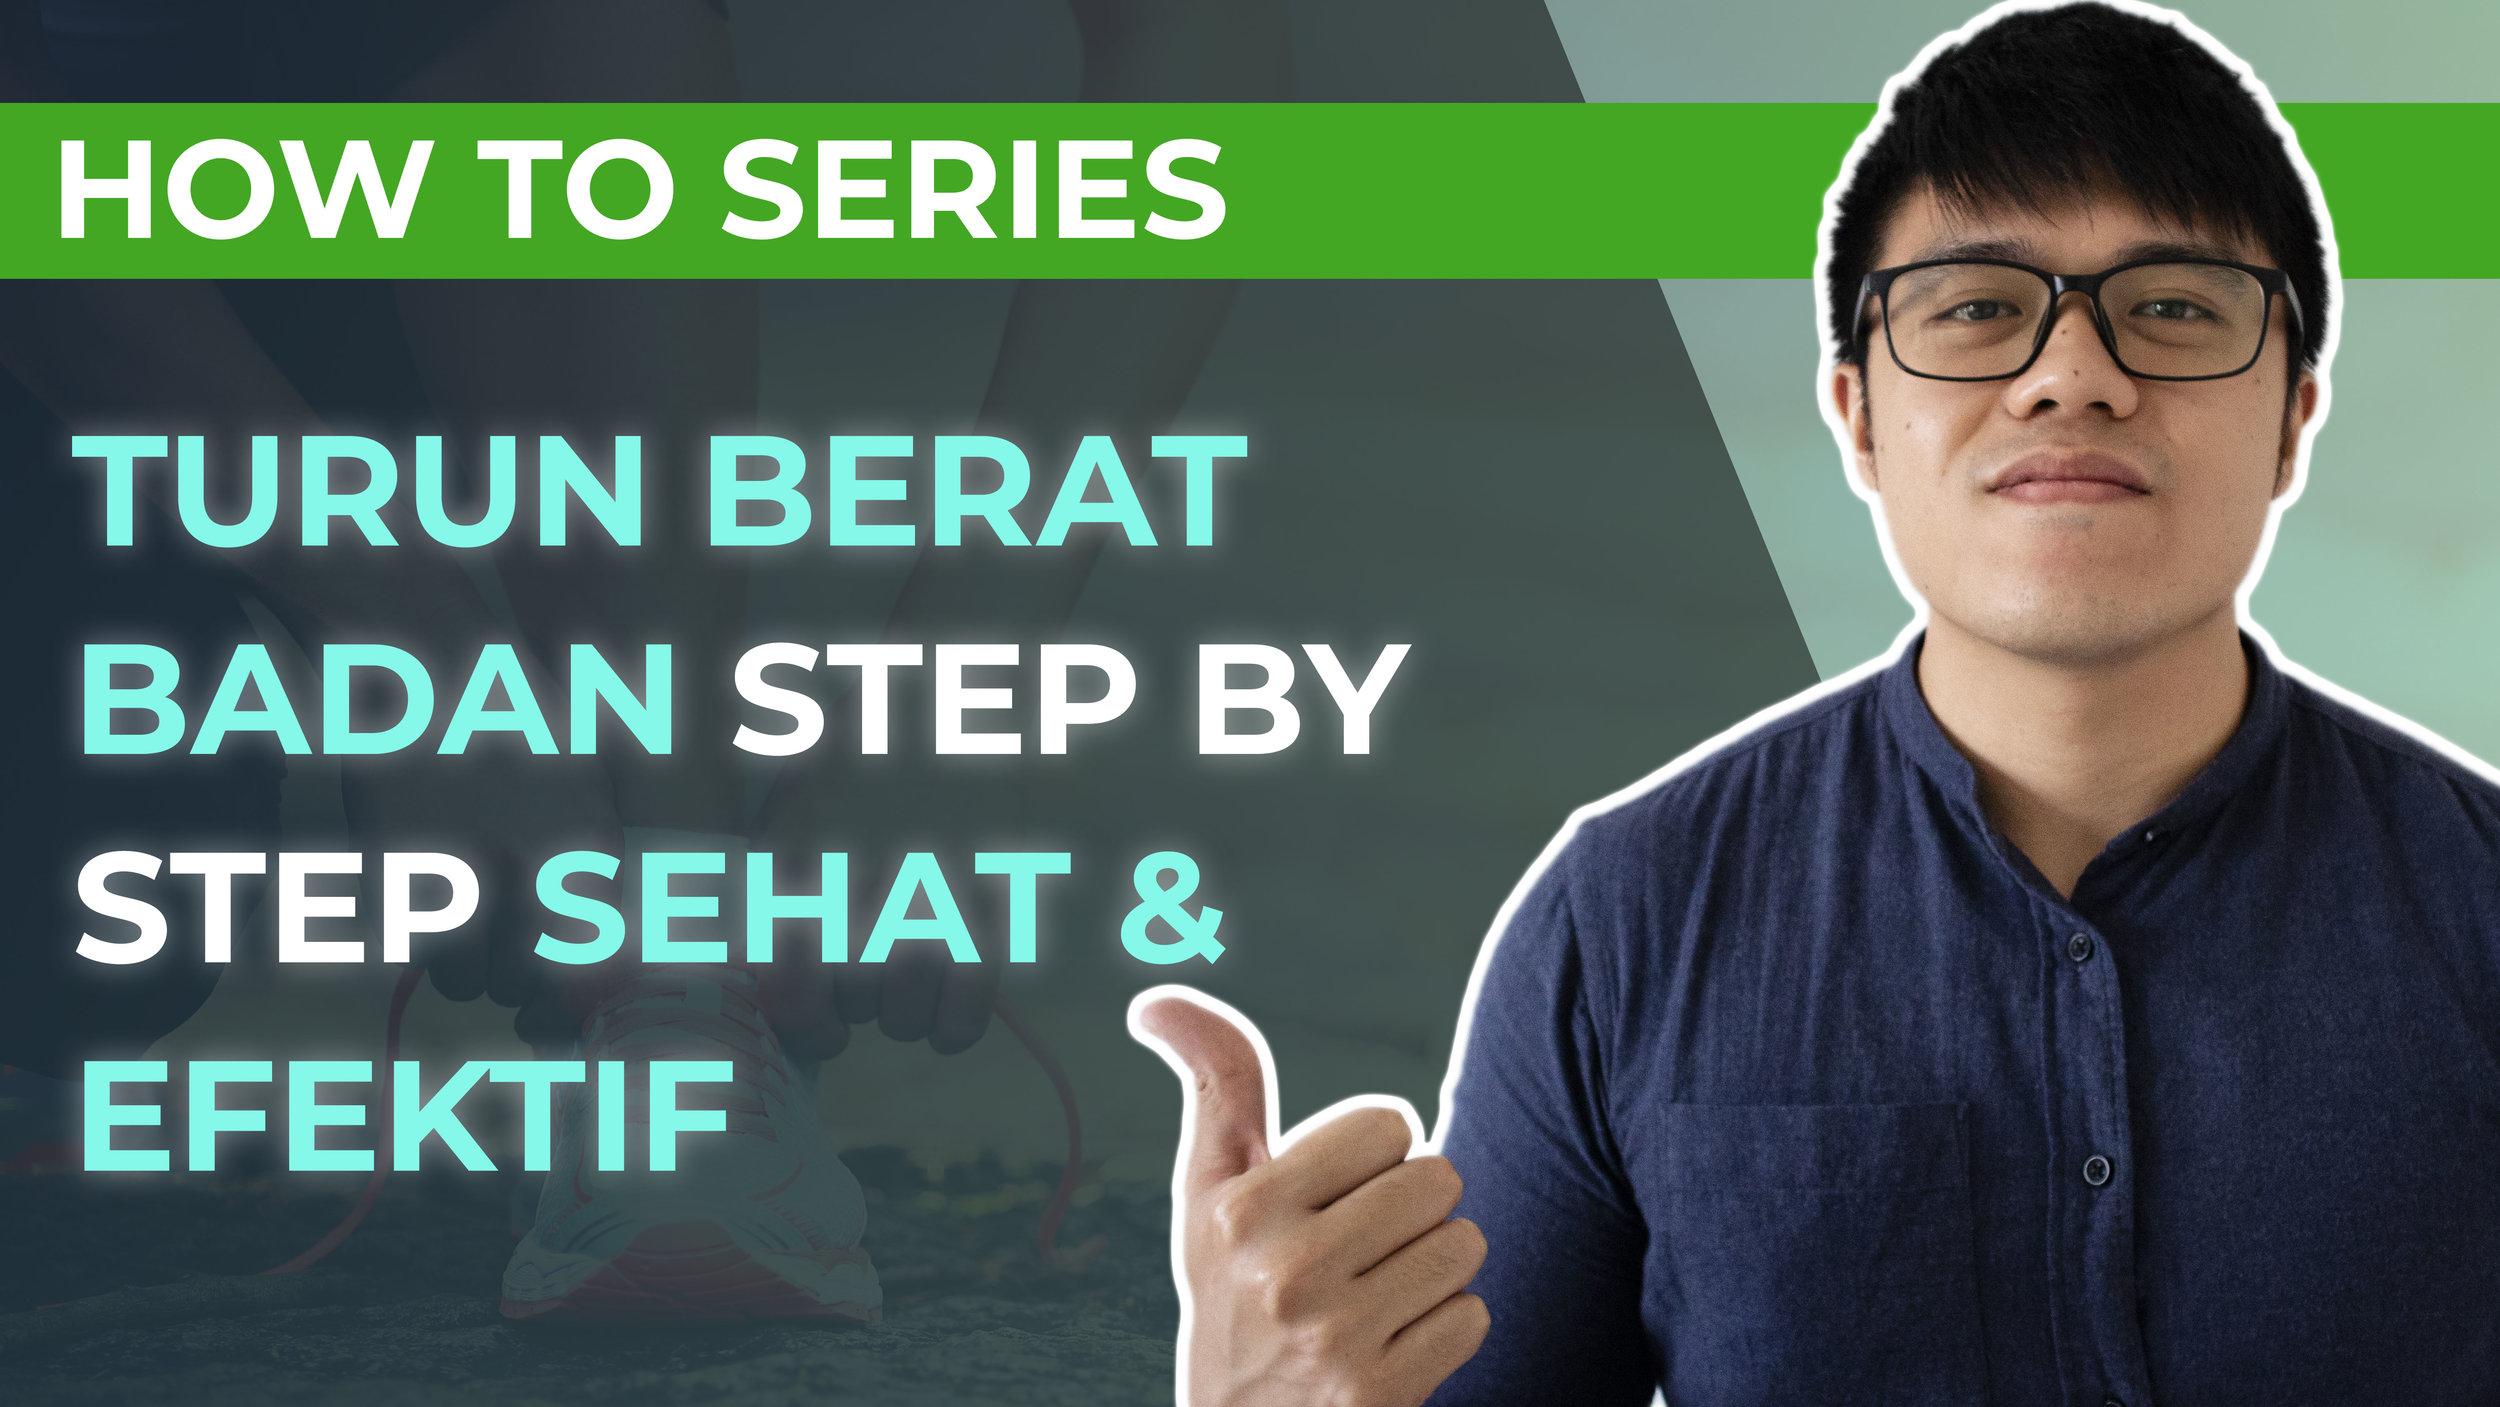 how to series - turun berat badan step by step.jpg